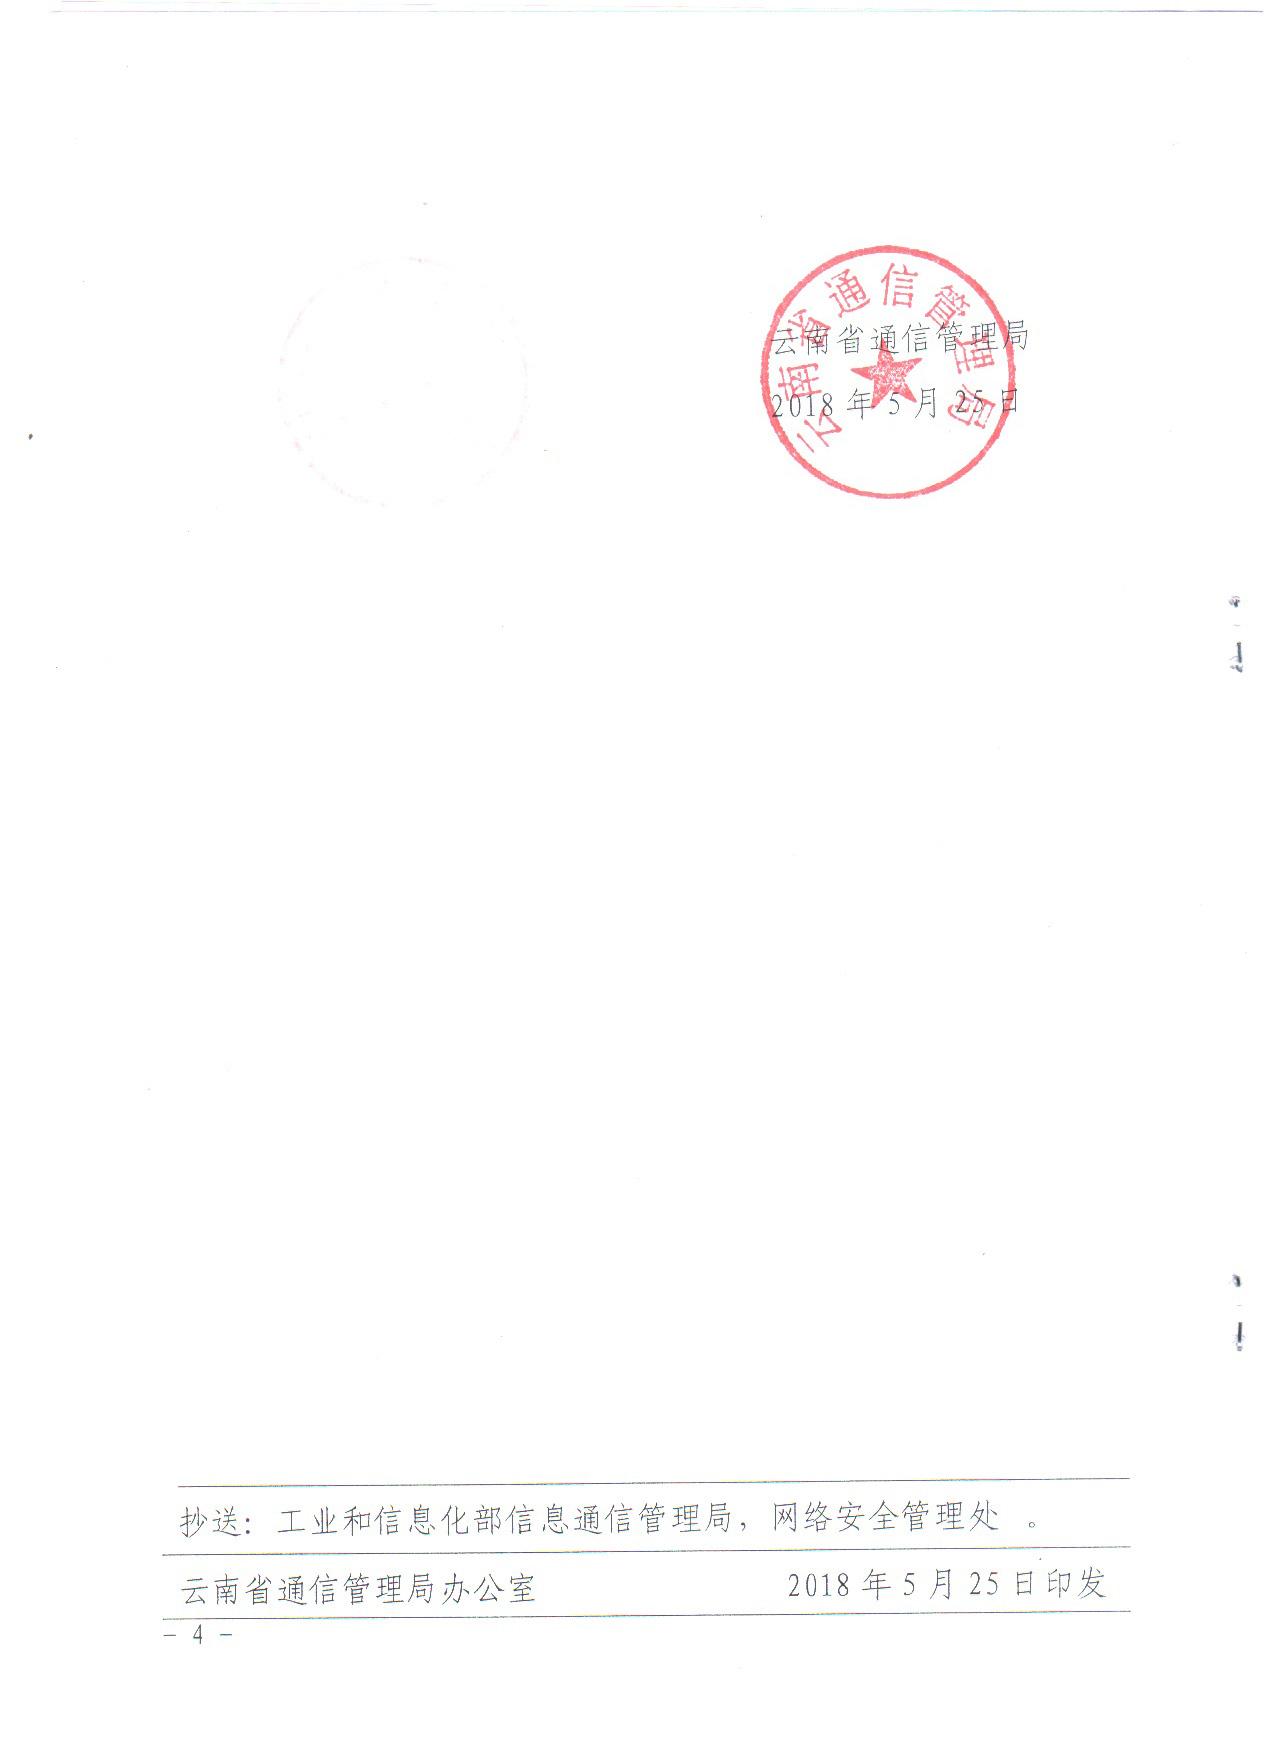 蓝队云顶级域名注册服务机构批文3